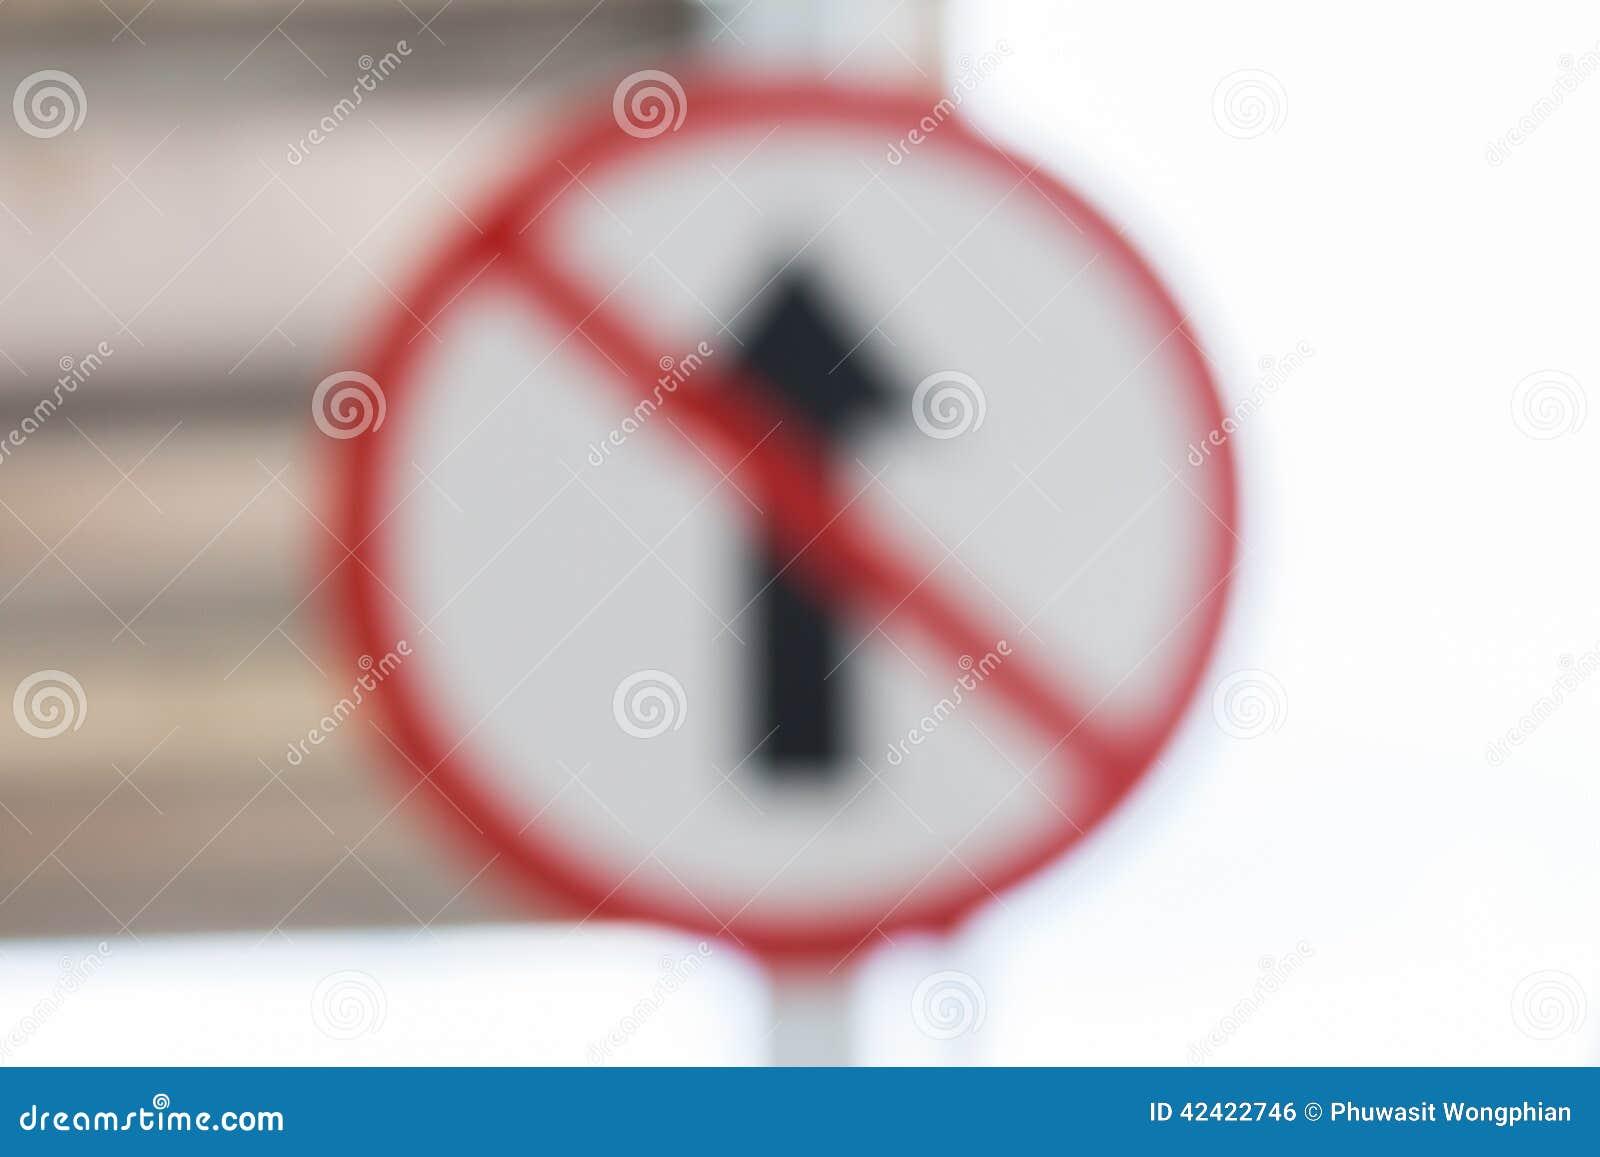 Bokeh Traffic signs